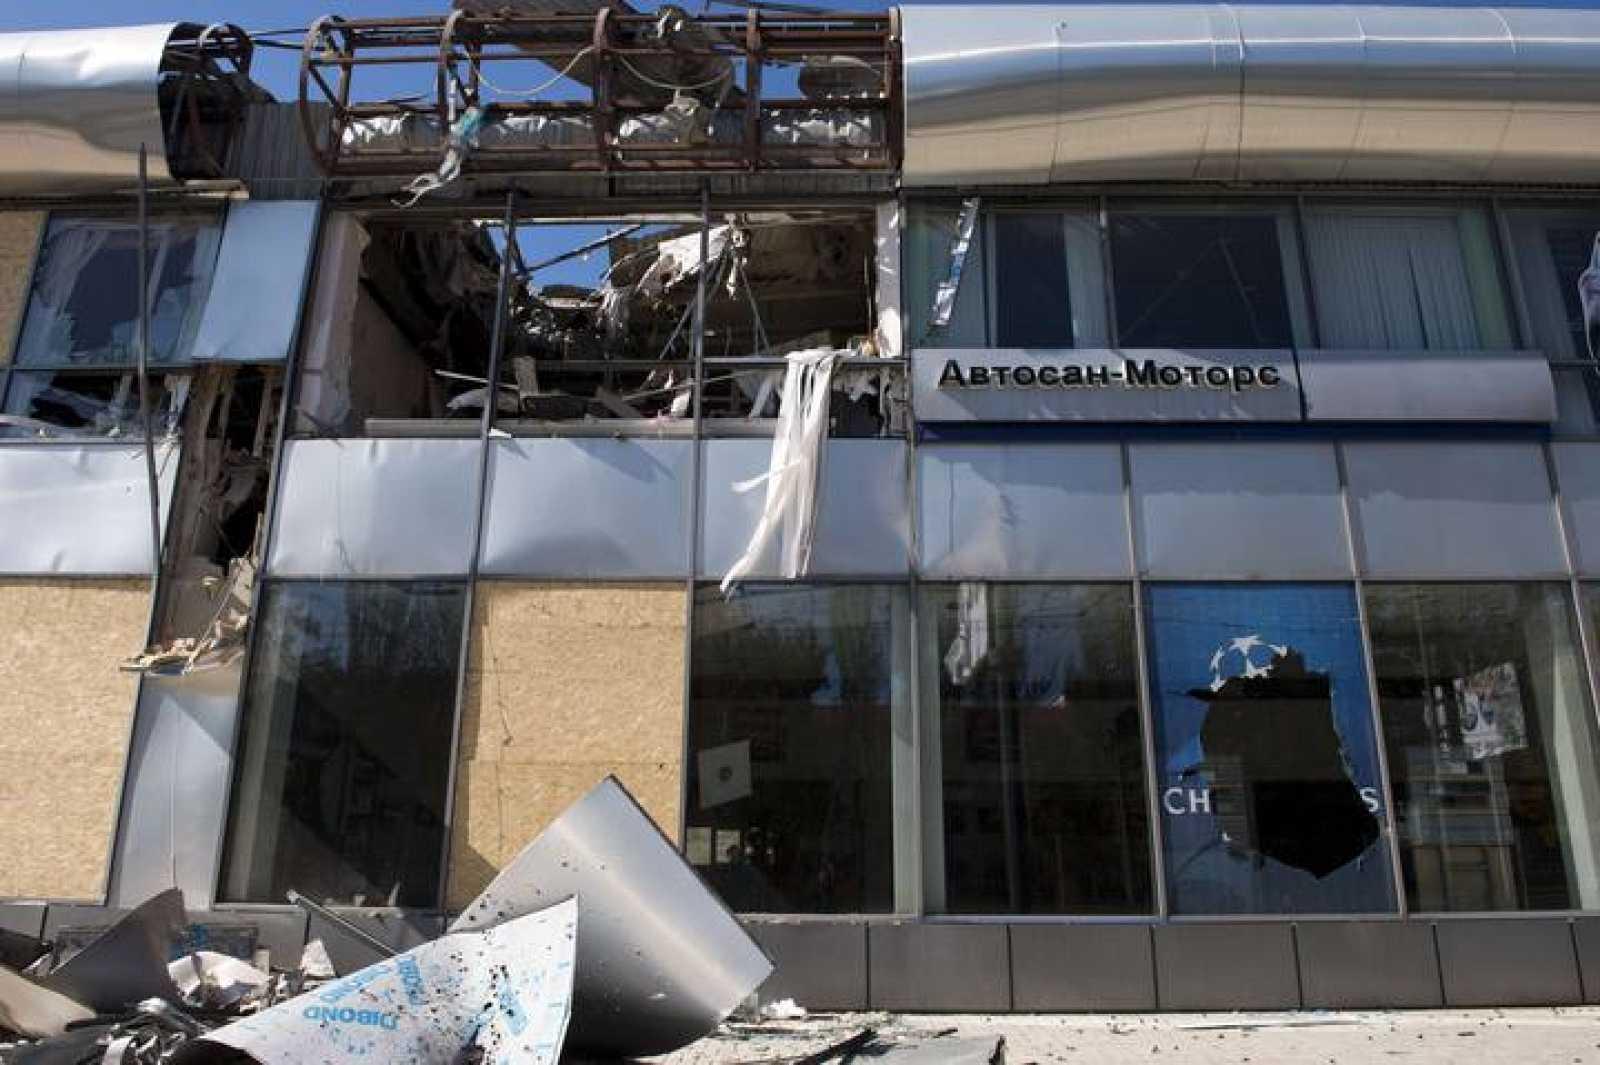 Un concesionario de coches del aeropuerto de Donestsk, destrozado por los bombardeos.